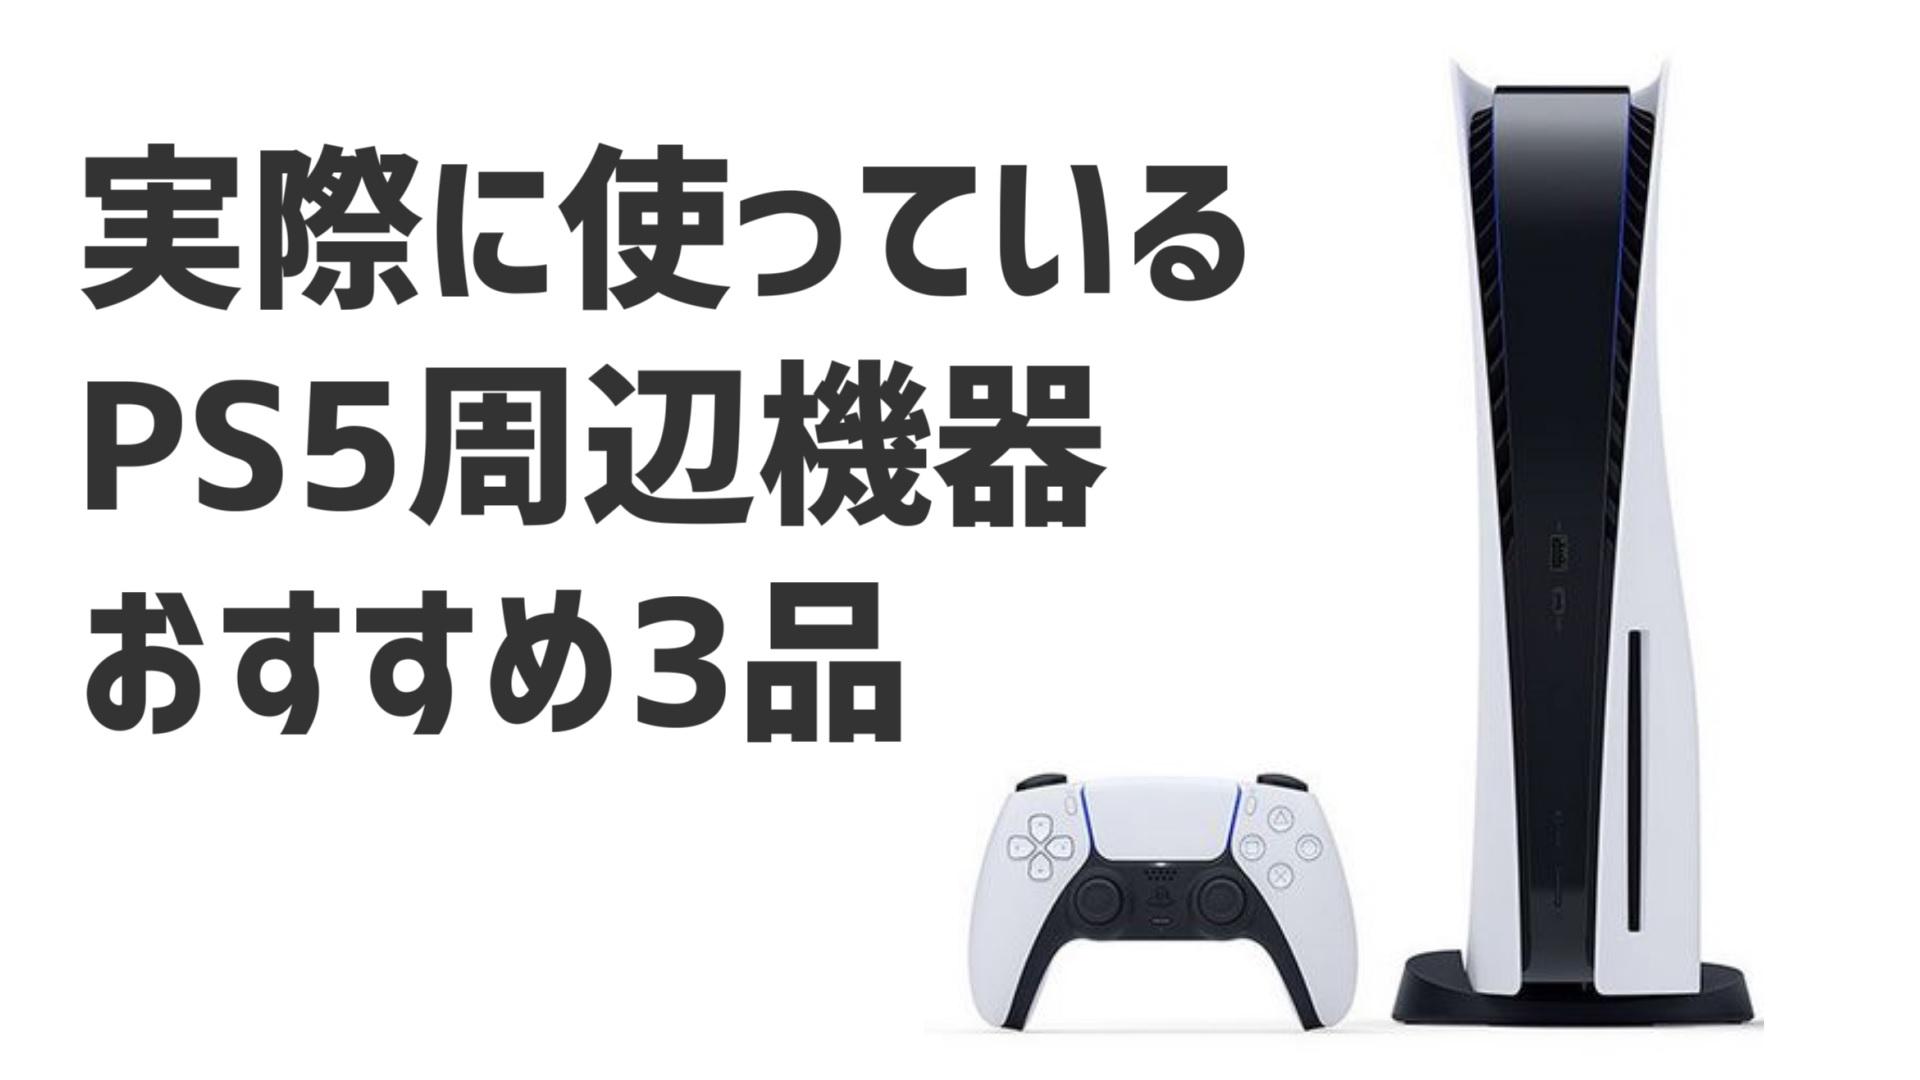 PS5で実際に使っているオススメの周辺機器